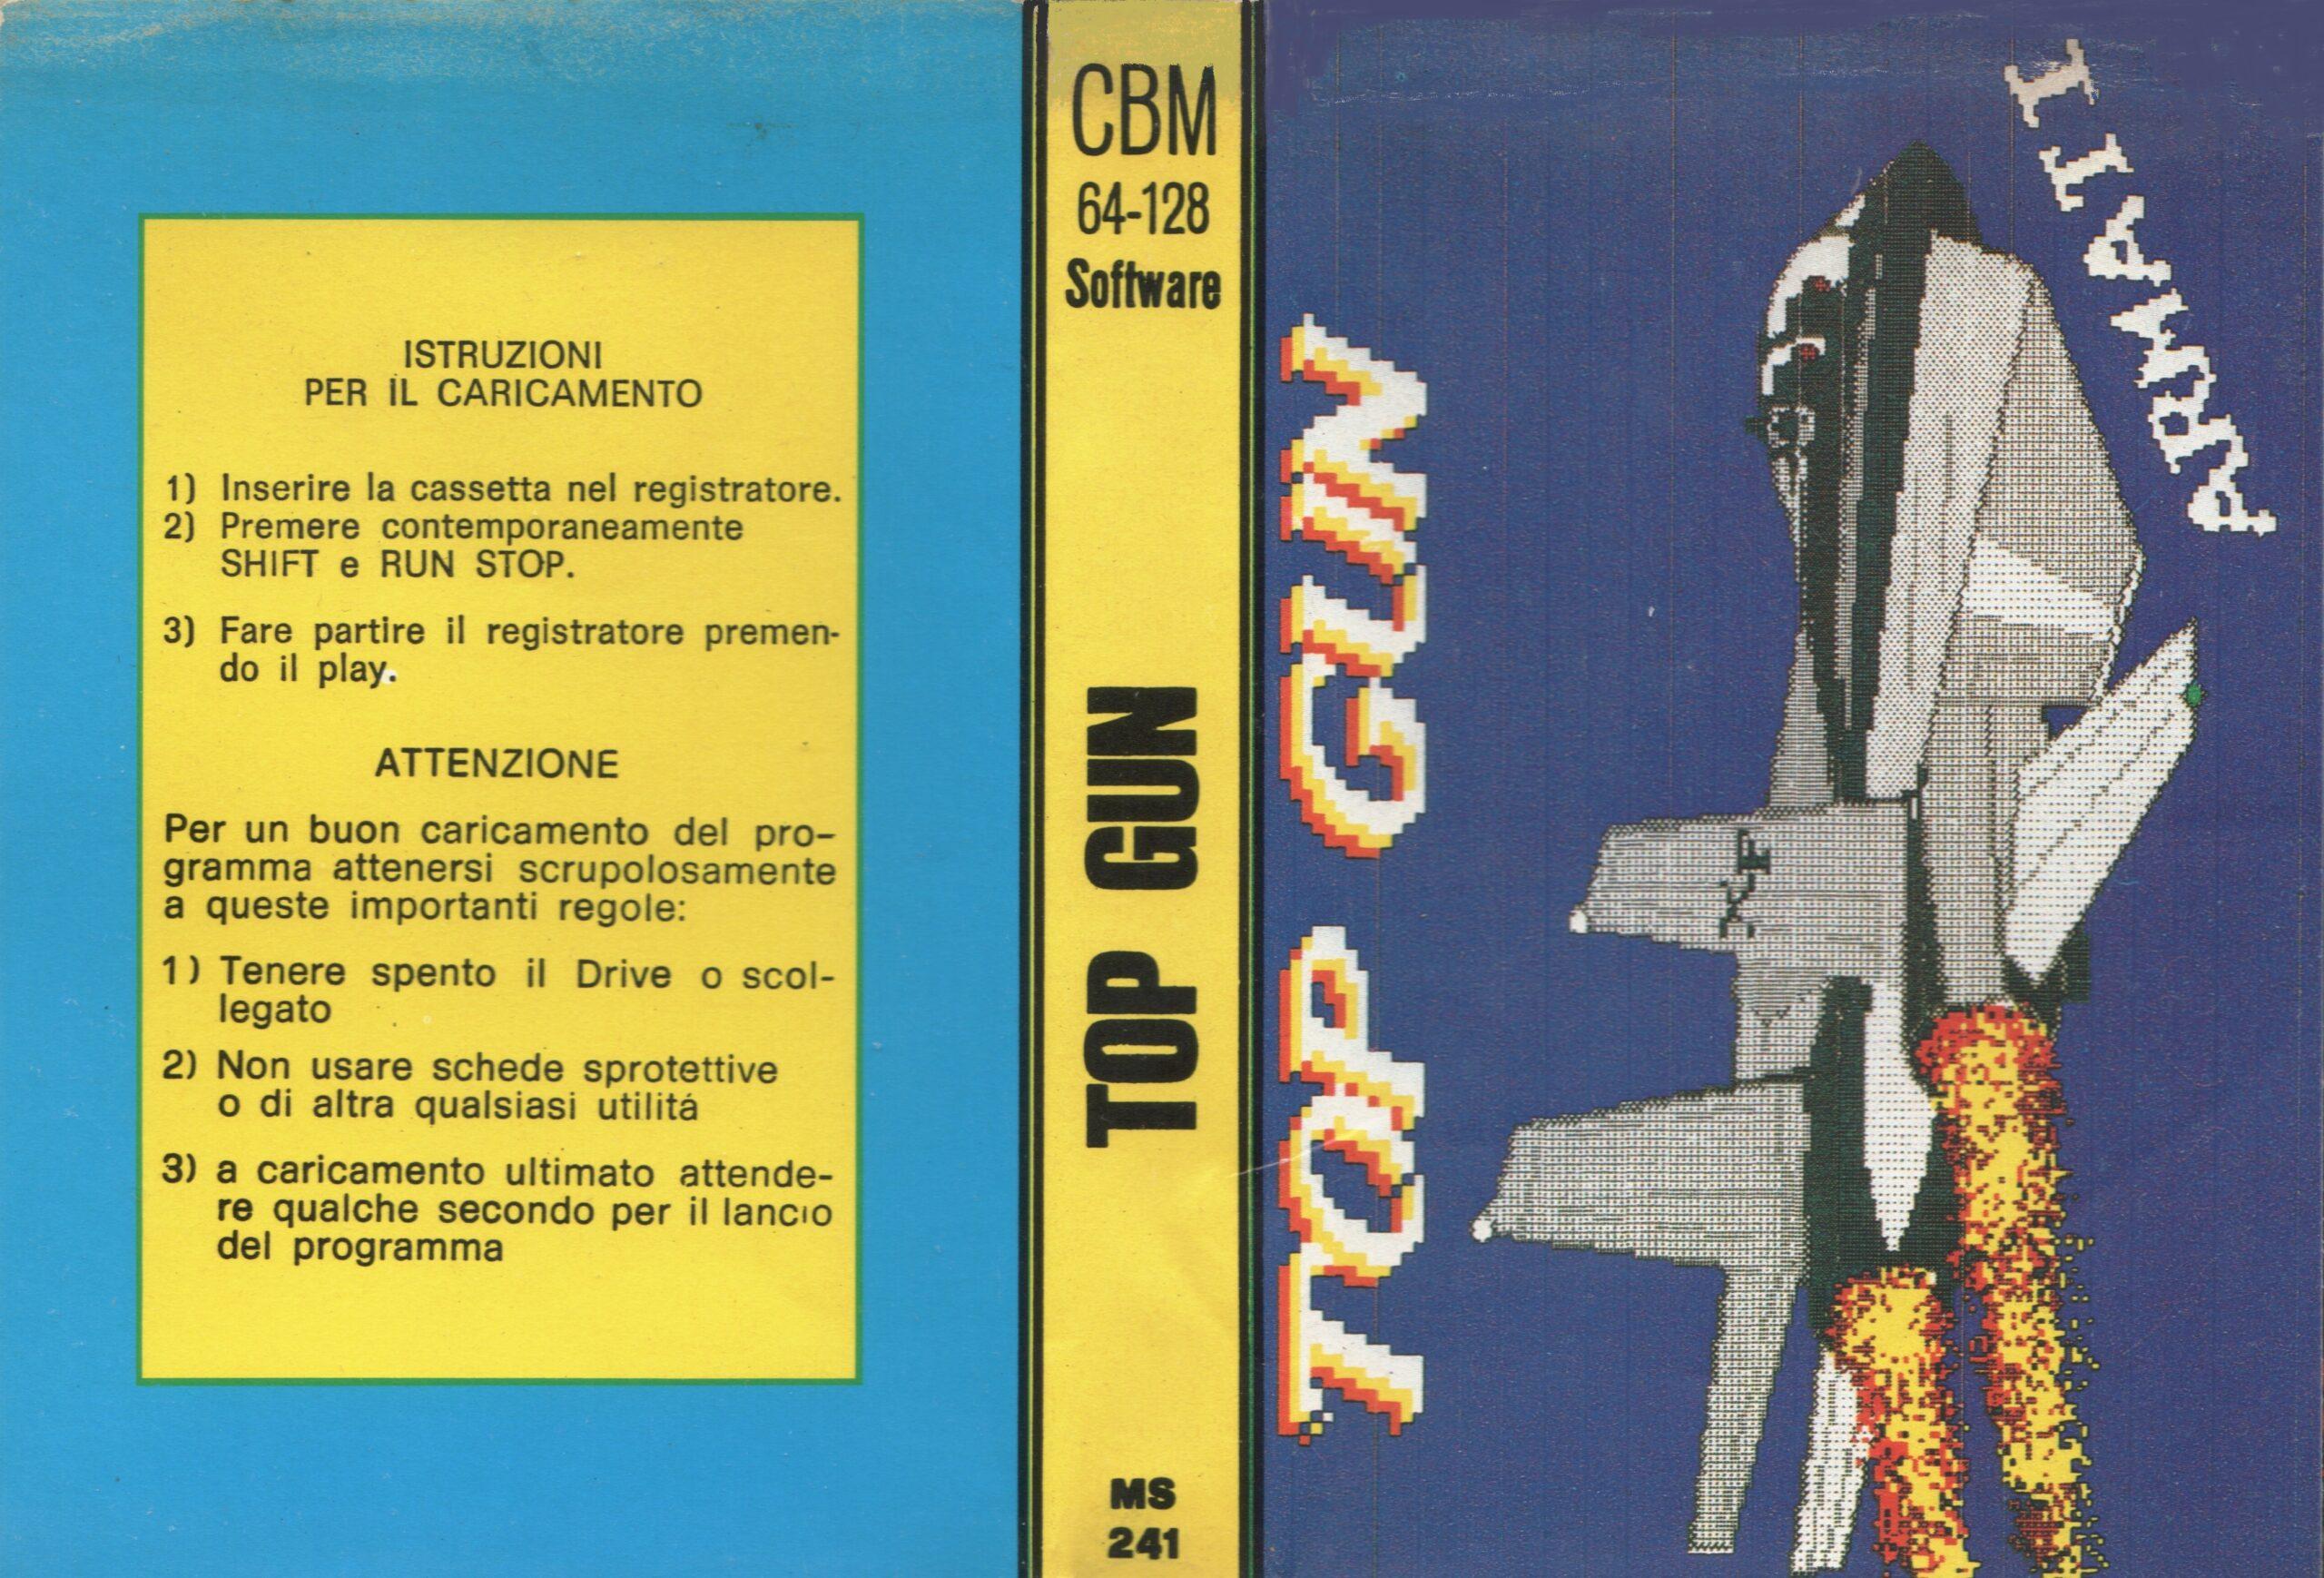 TOP GUN MS 241